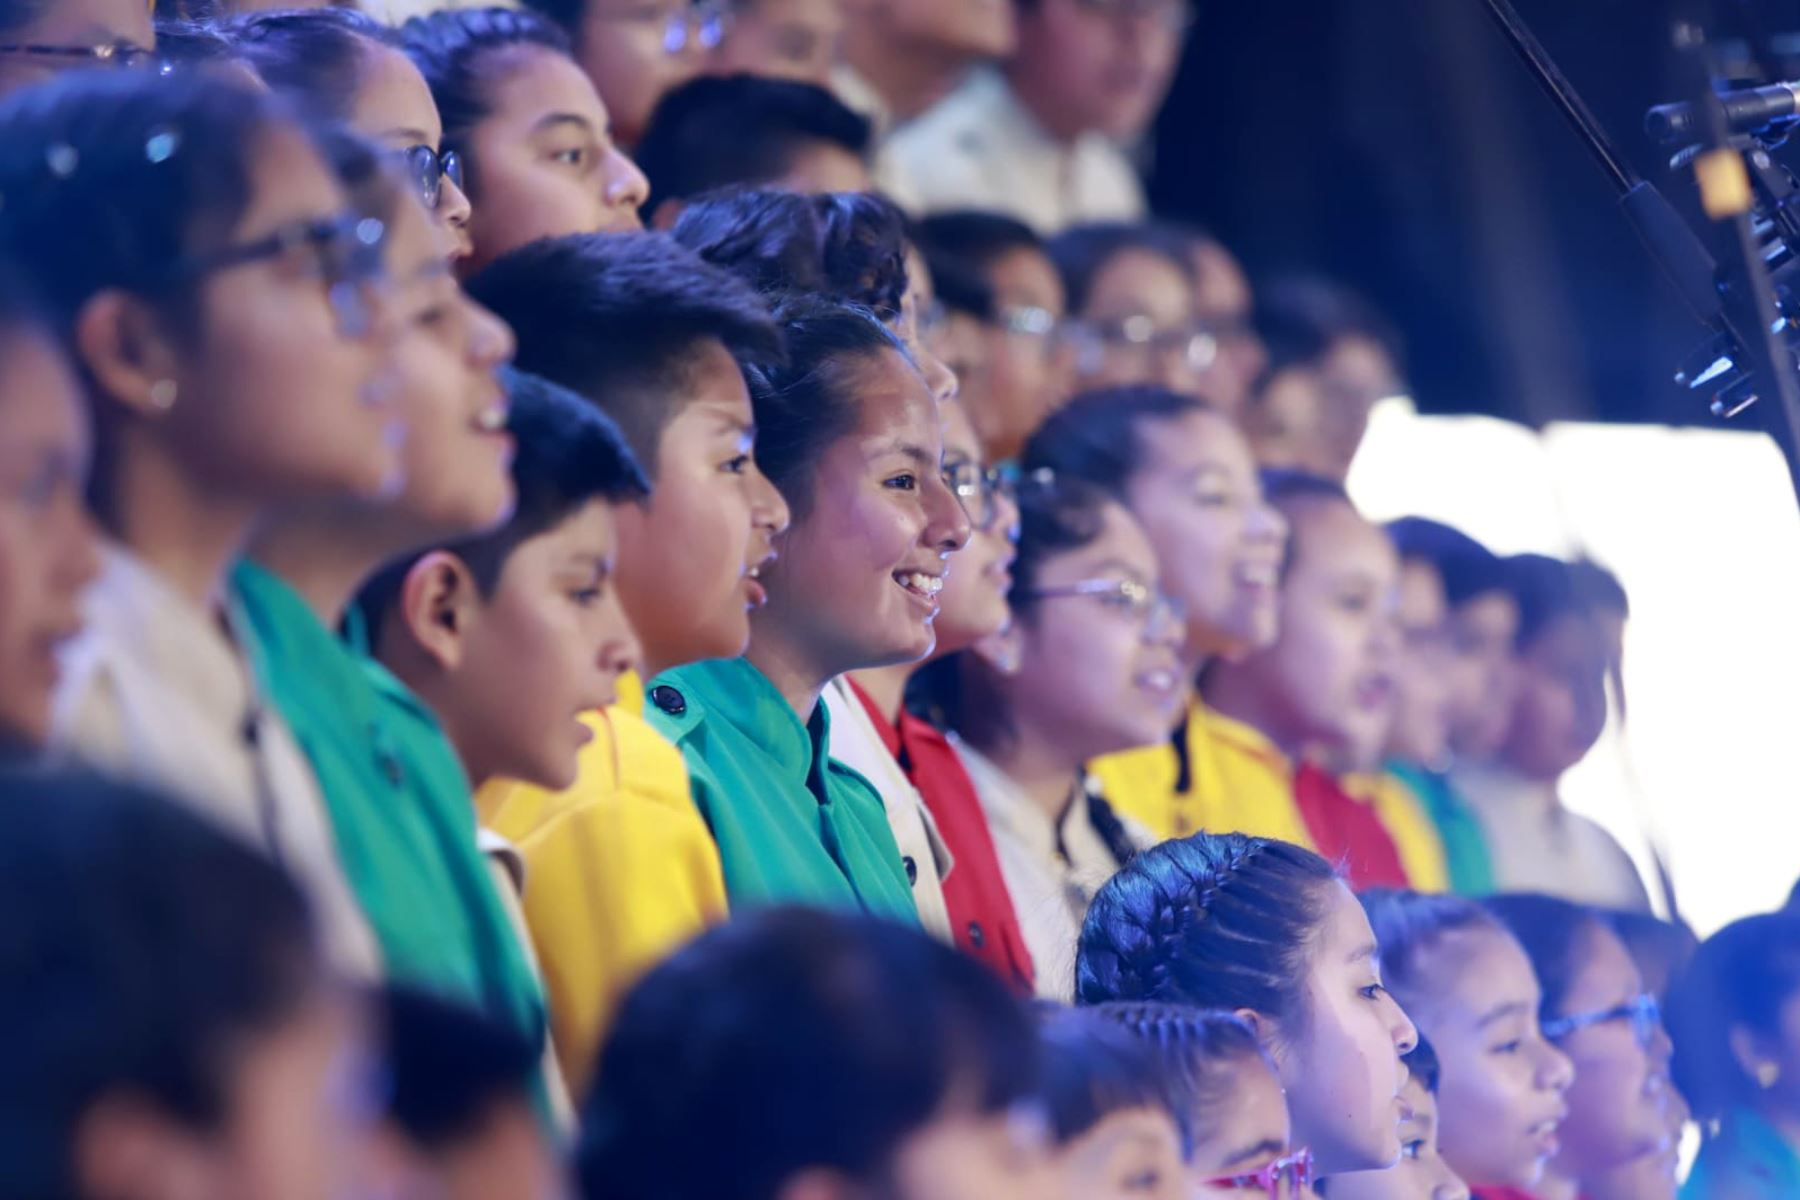 """""""Mundo de ilusiones"""", iniciativa que promueve cultura, conocimiento y el desarrollo de valores en niños y adolescentes en condición de vulnerabilidad. Foto: ANDINA/ Prensa Presidencia"""